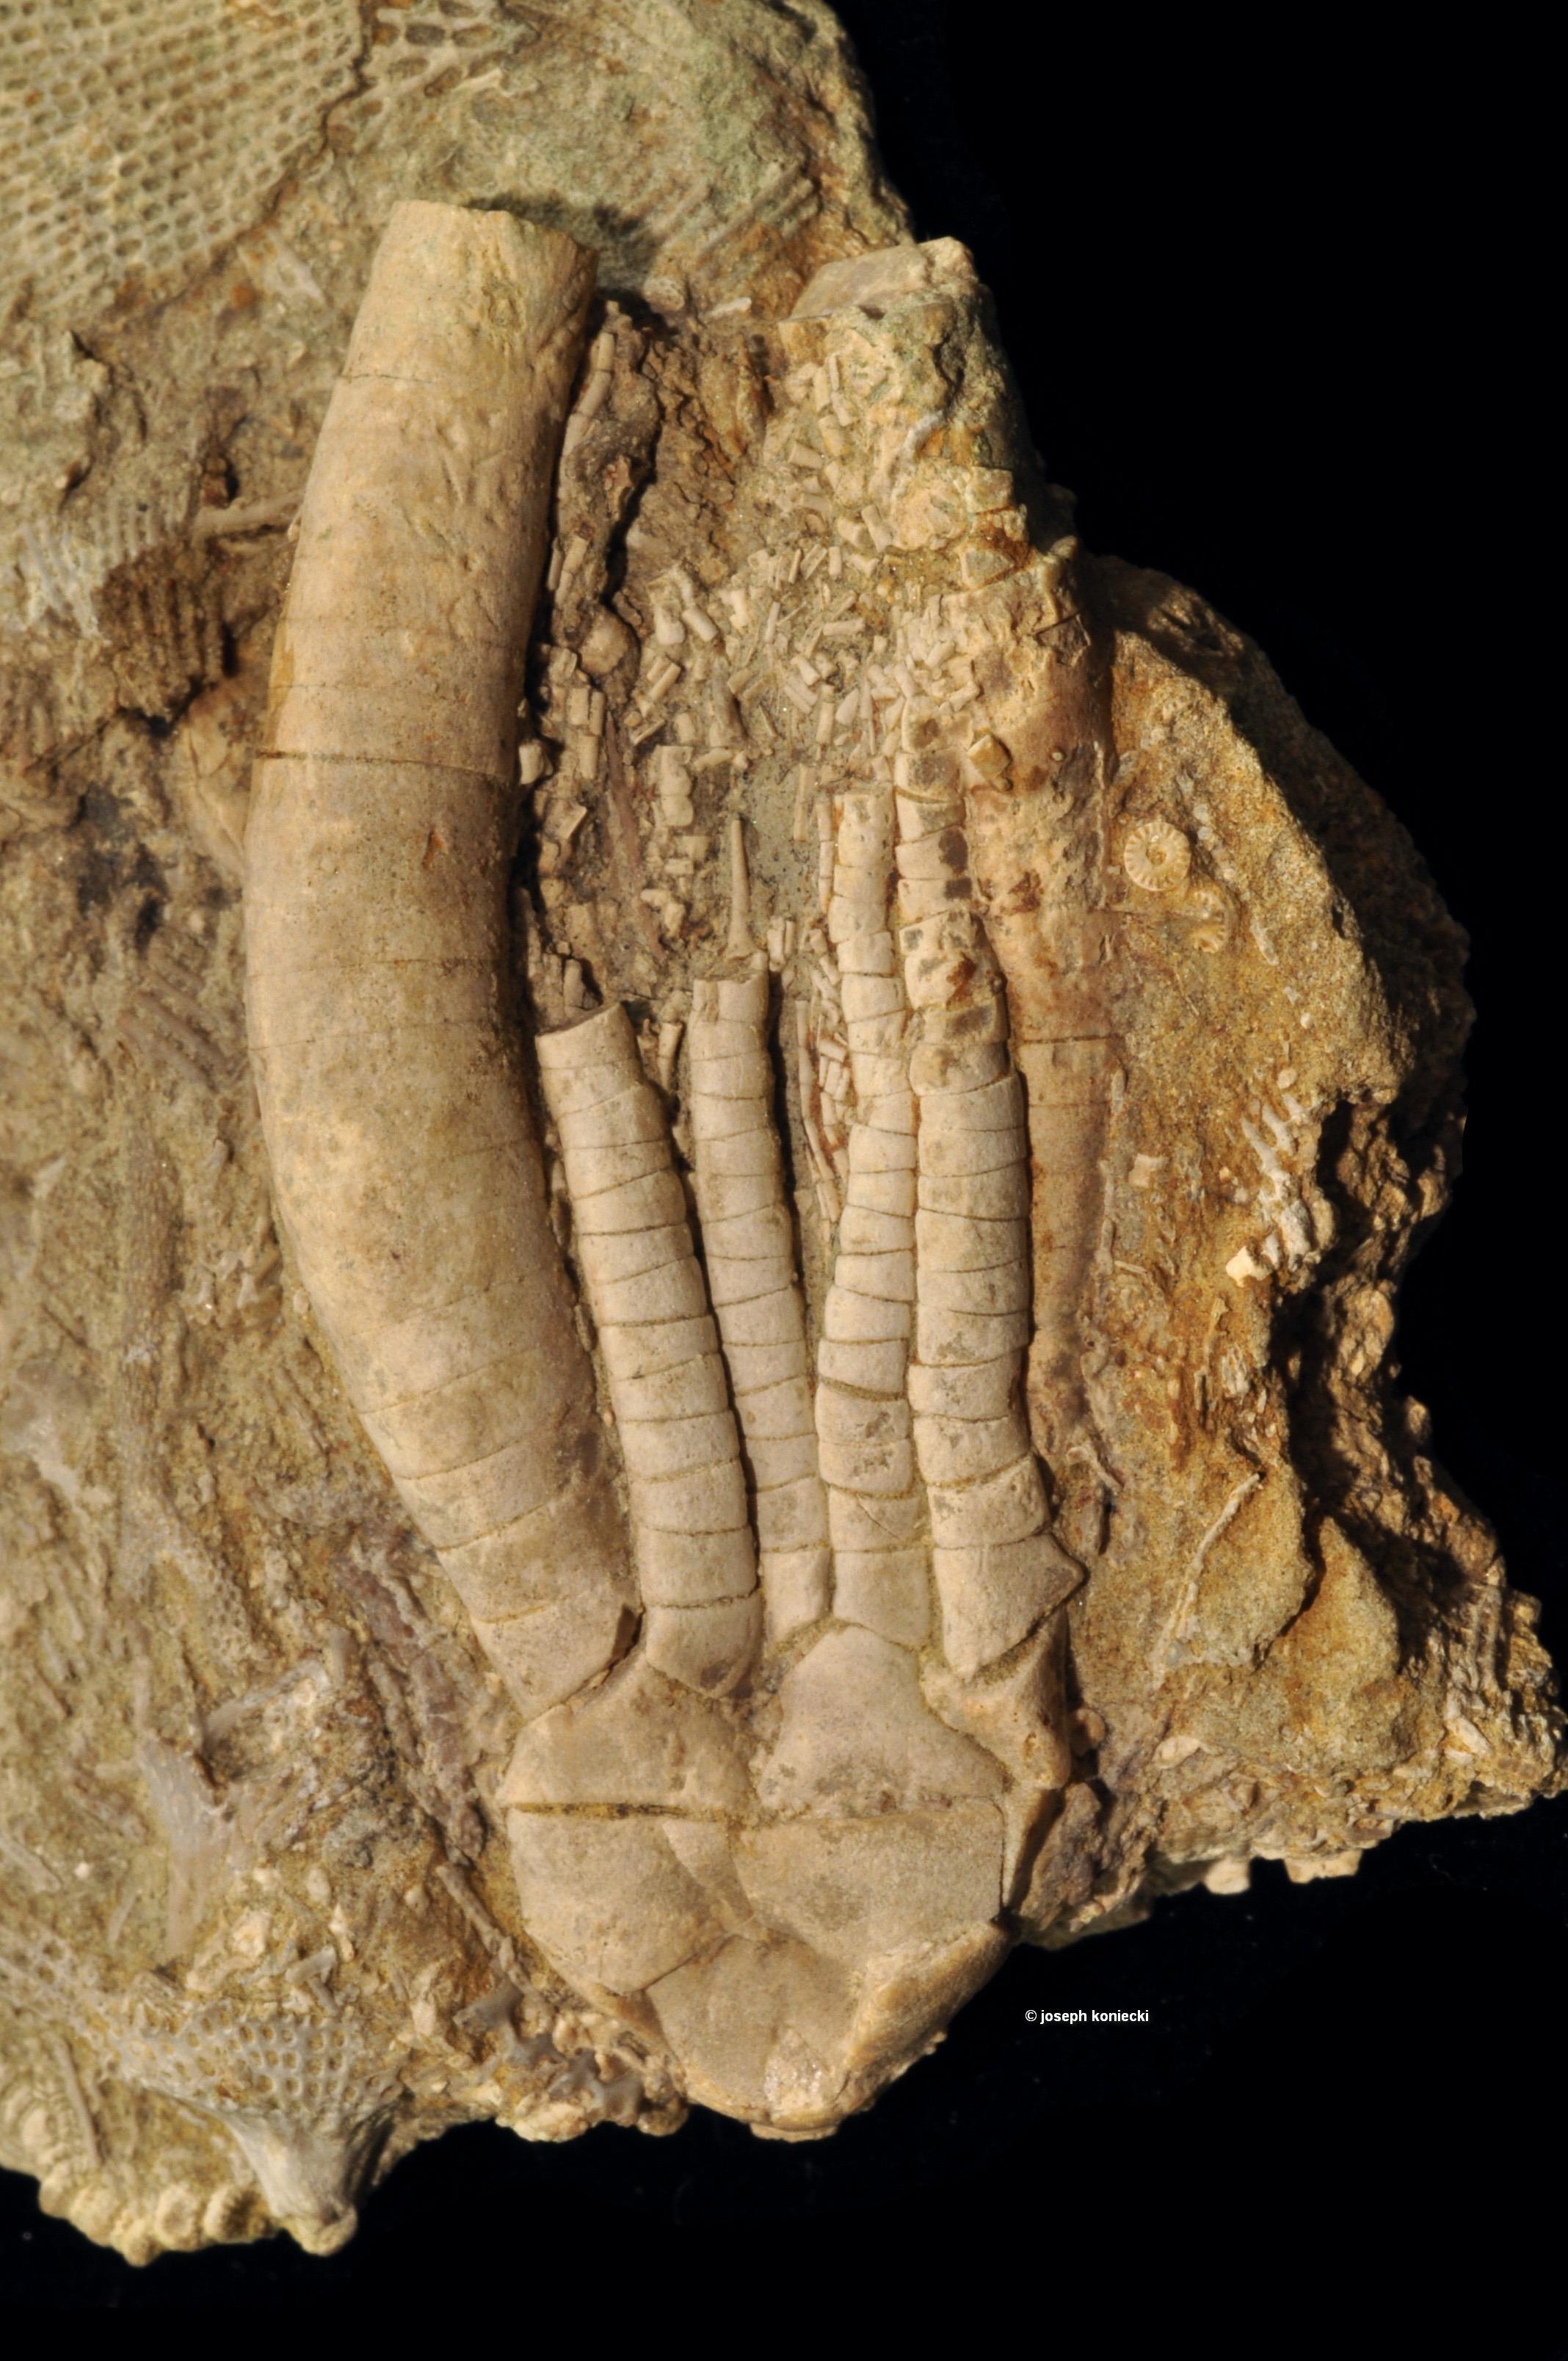 Anartiocrinus